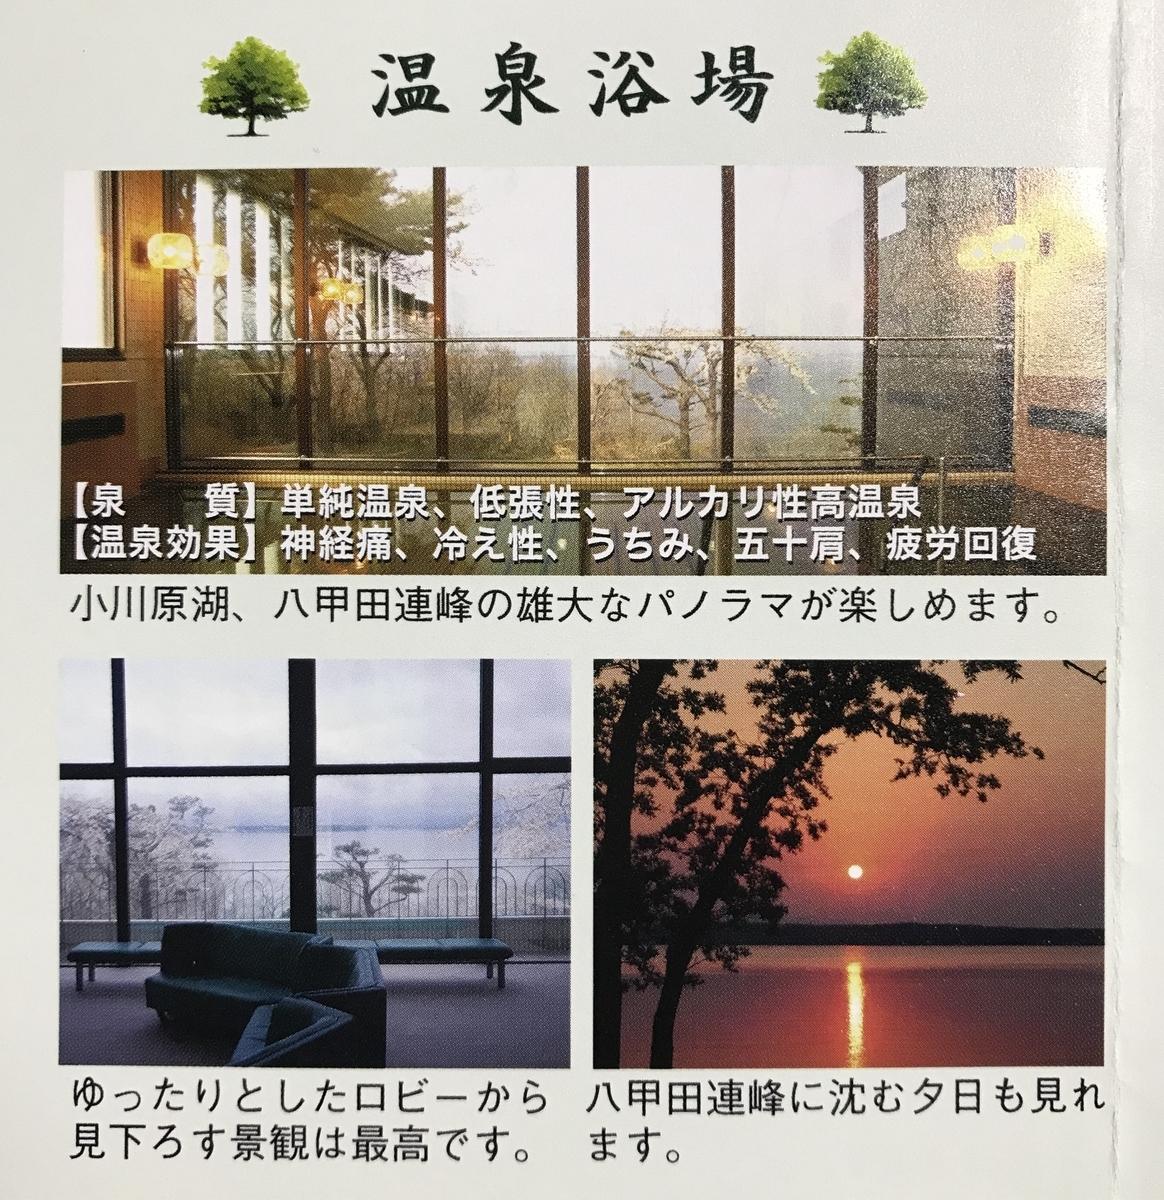 三沢市民の森の温泉パンフレット